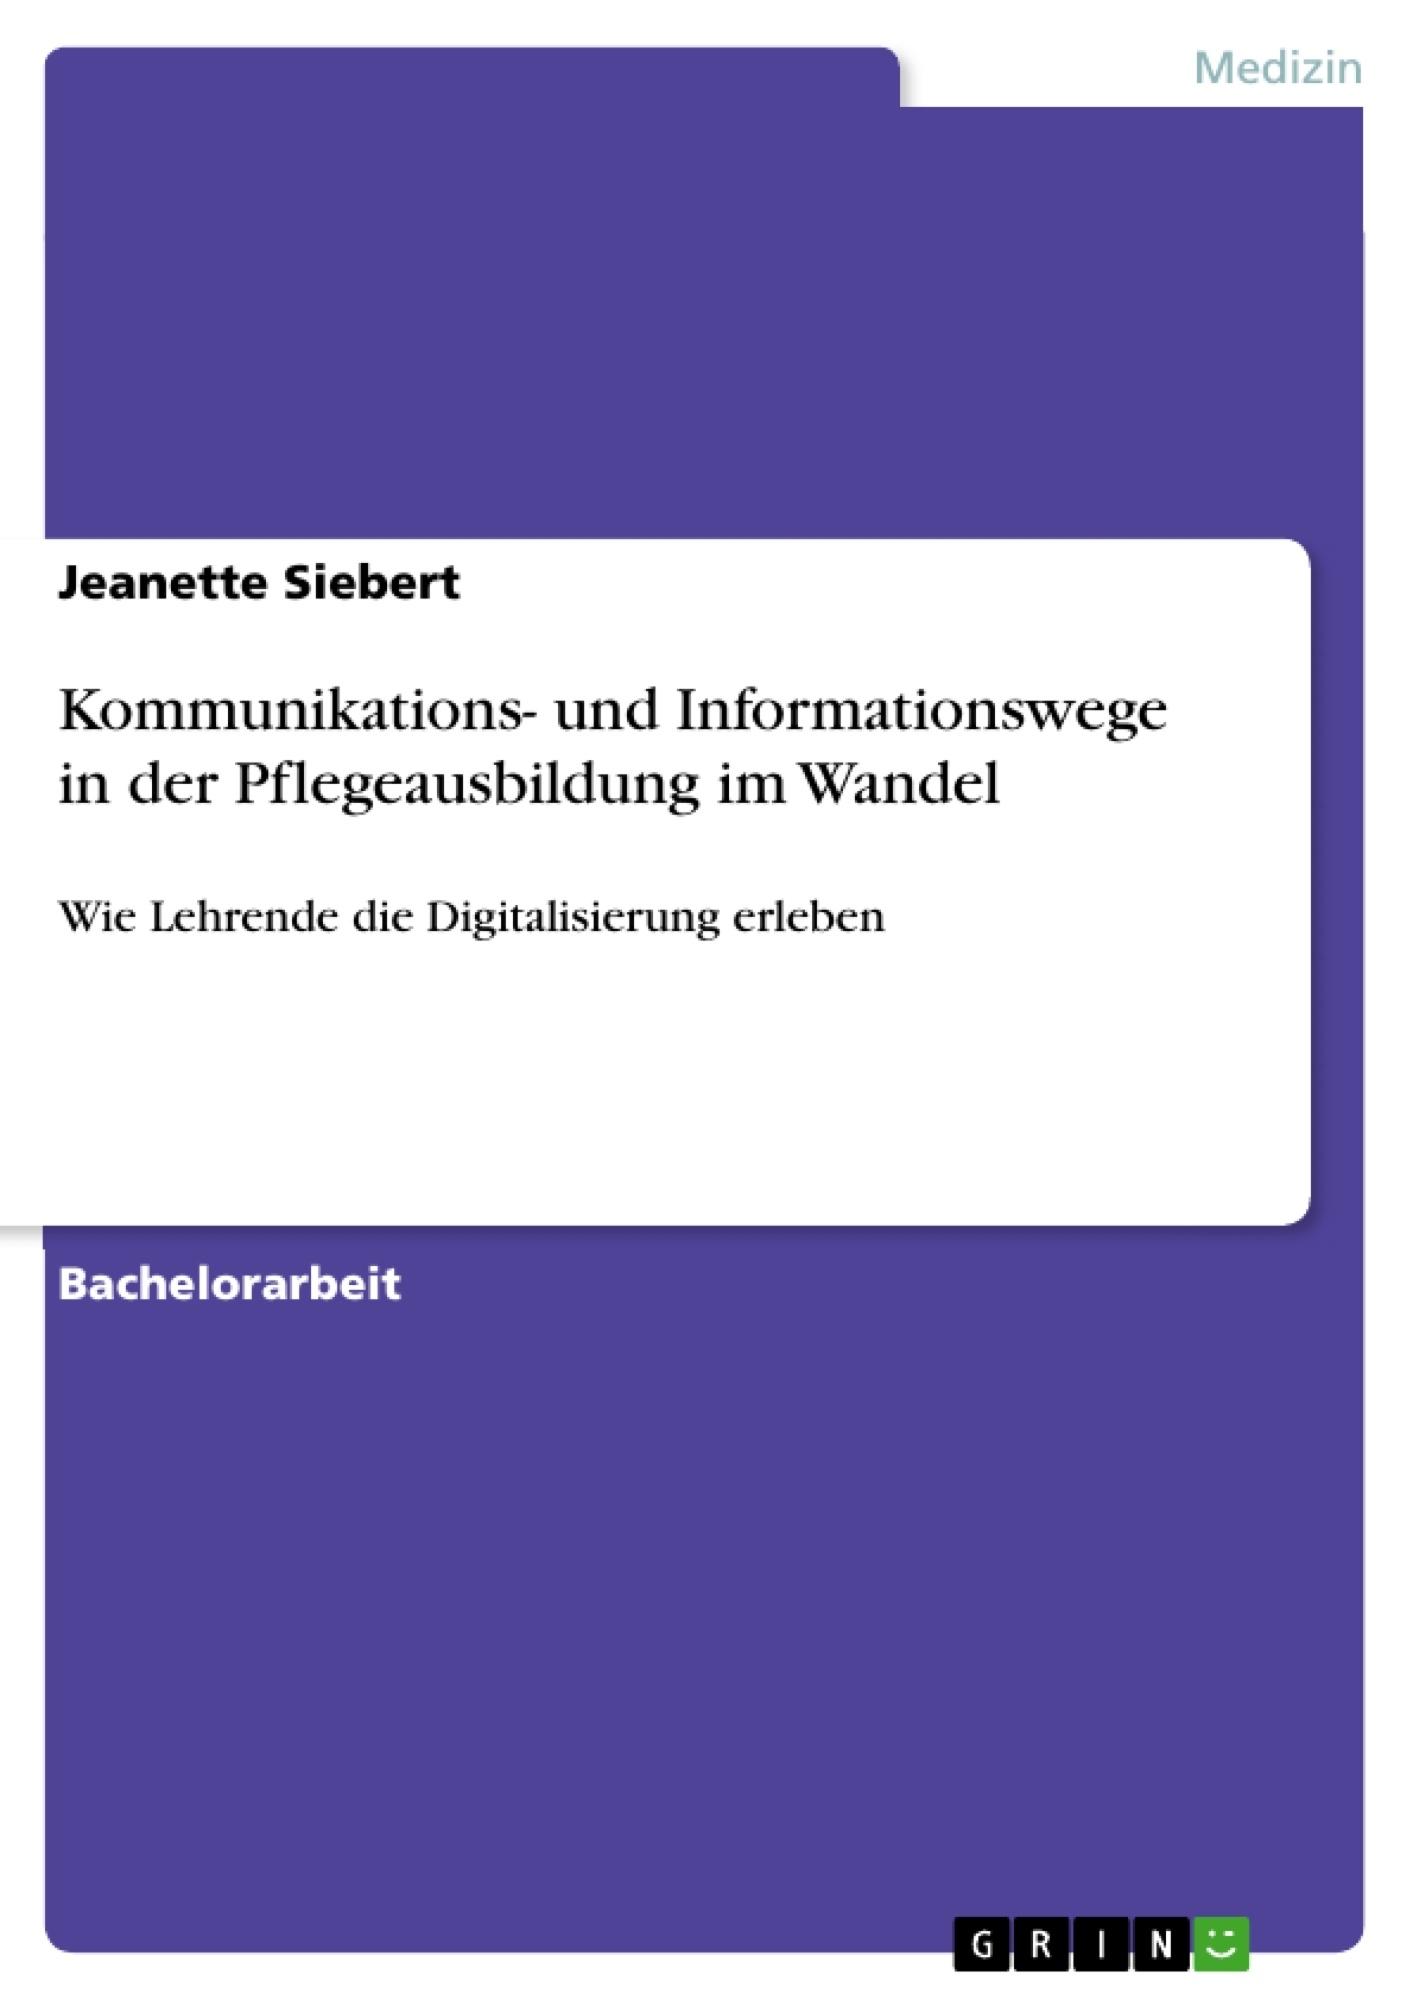 Titel: Kommunikations- und Informationswege in der Pflegeausbildung im Wandel